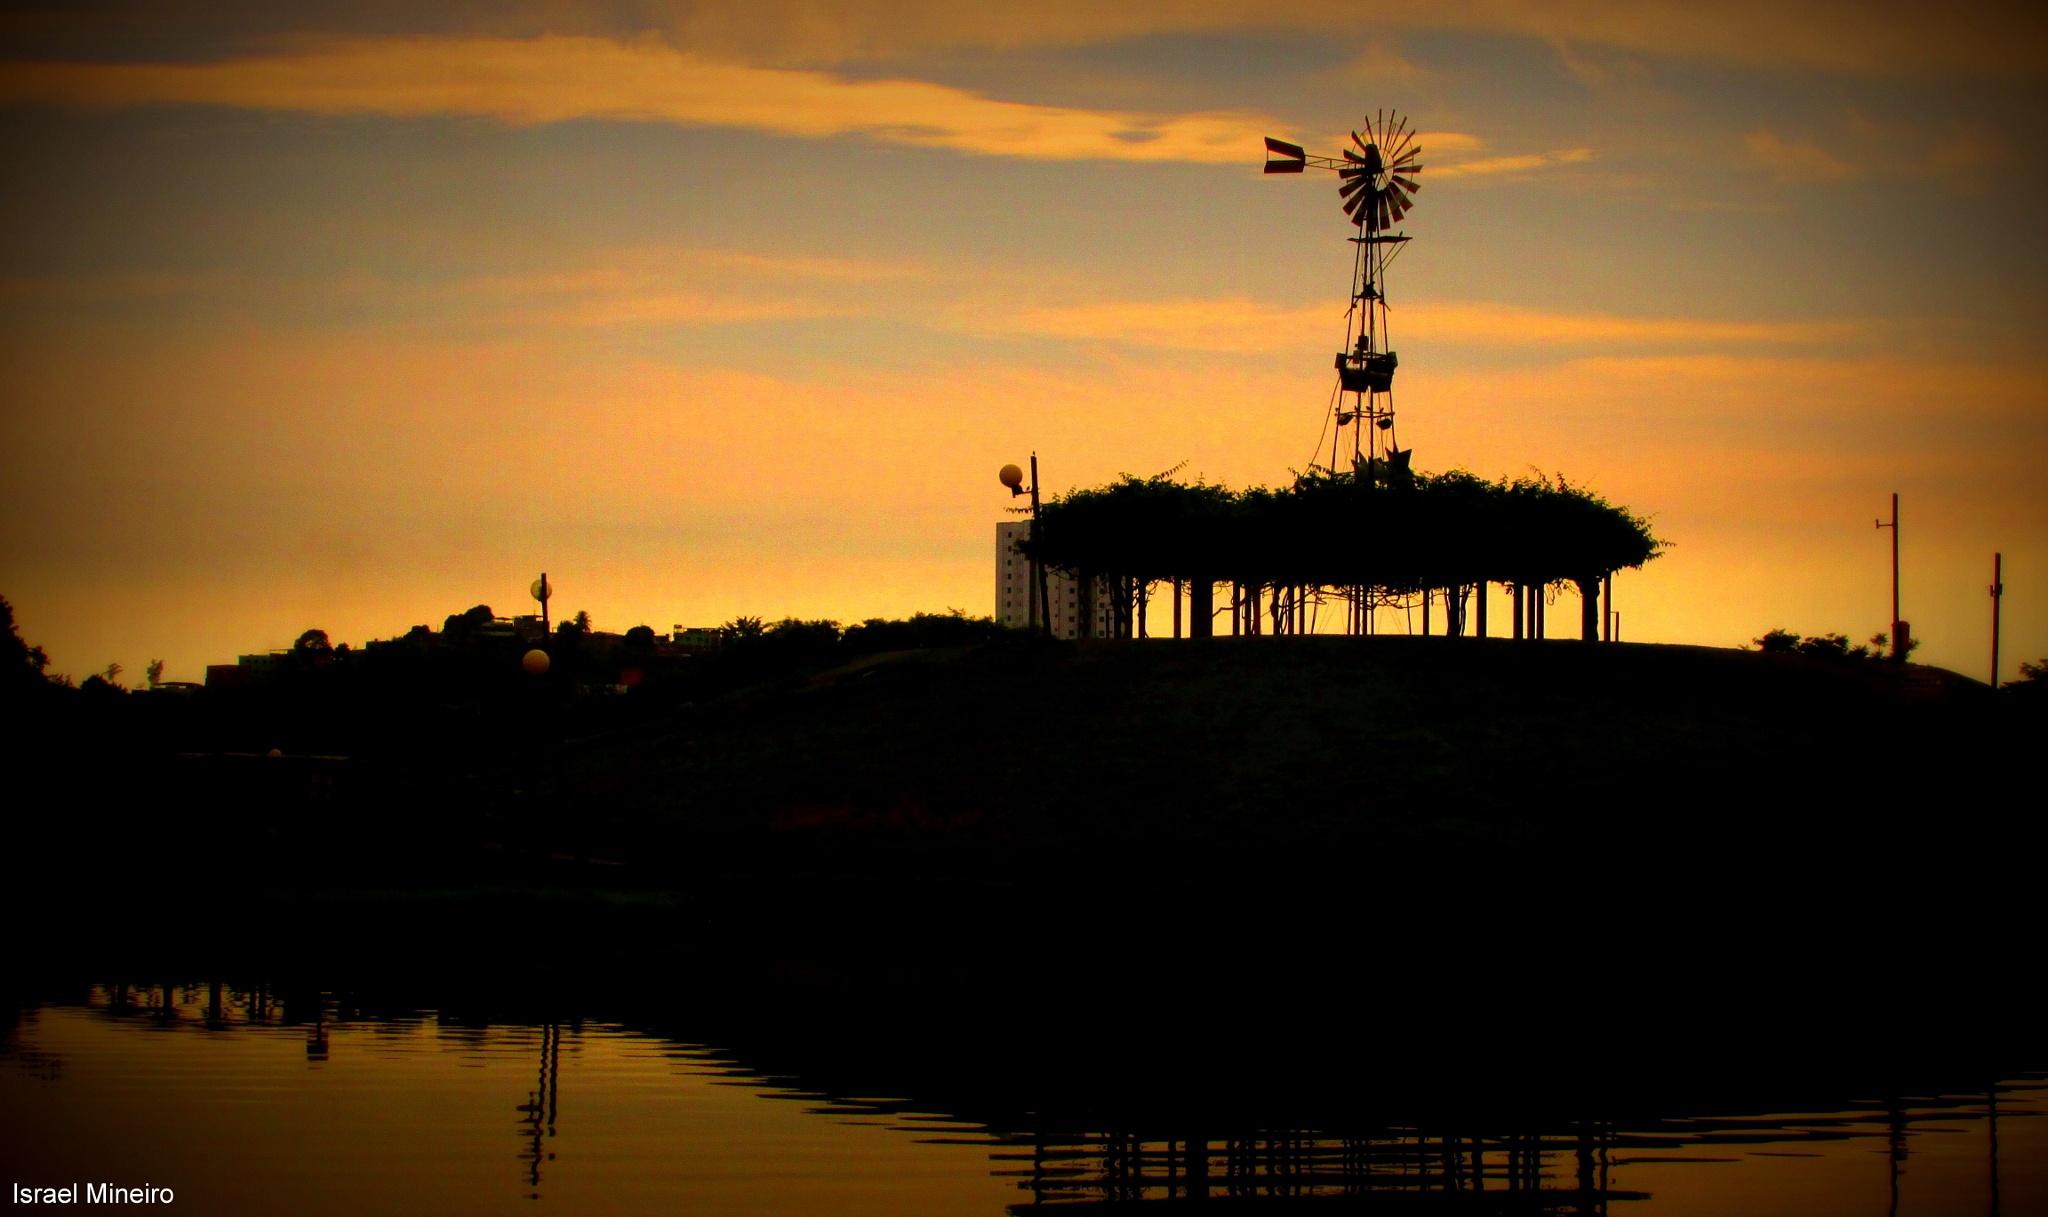 Crepúsculo by Israel Gomes